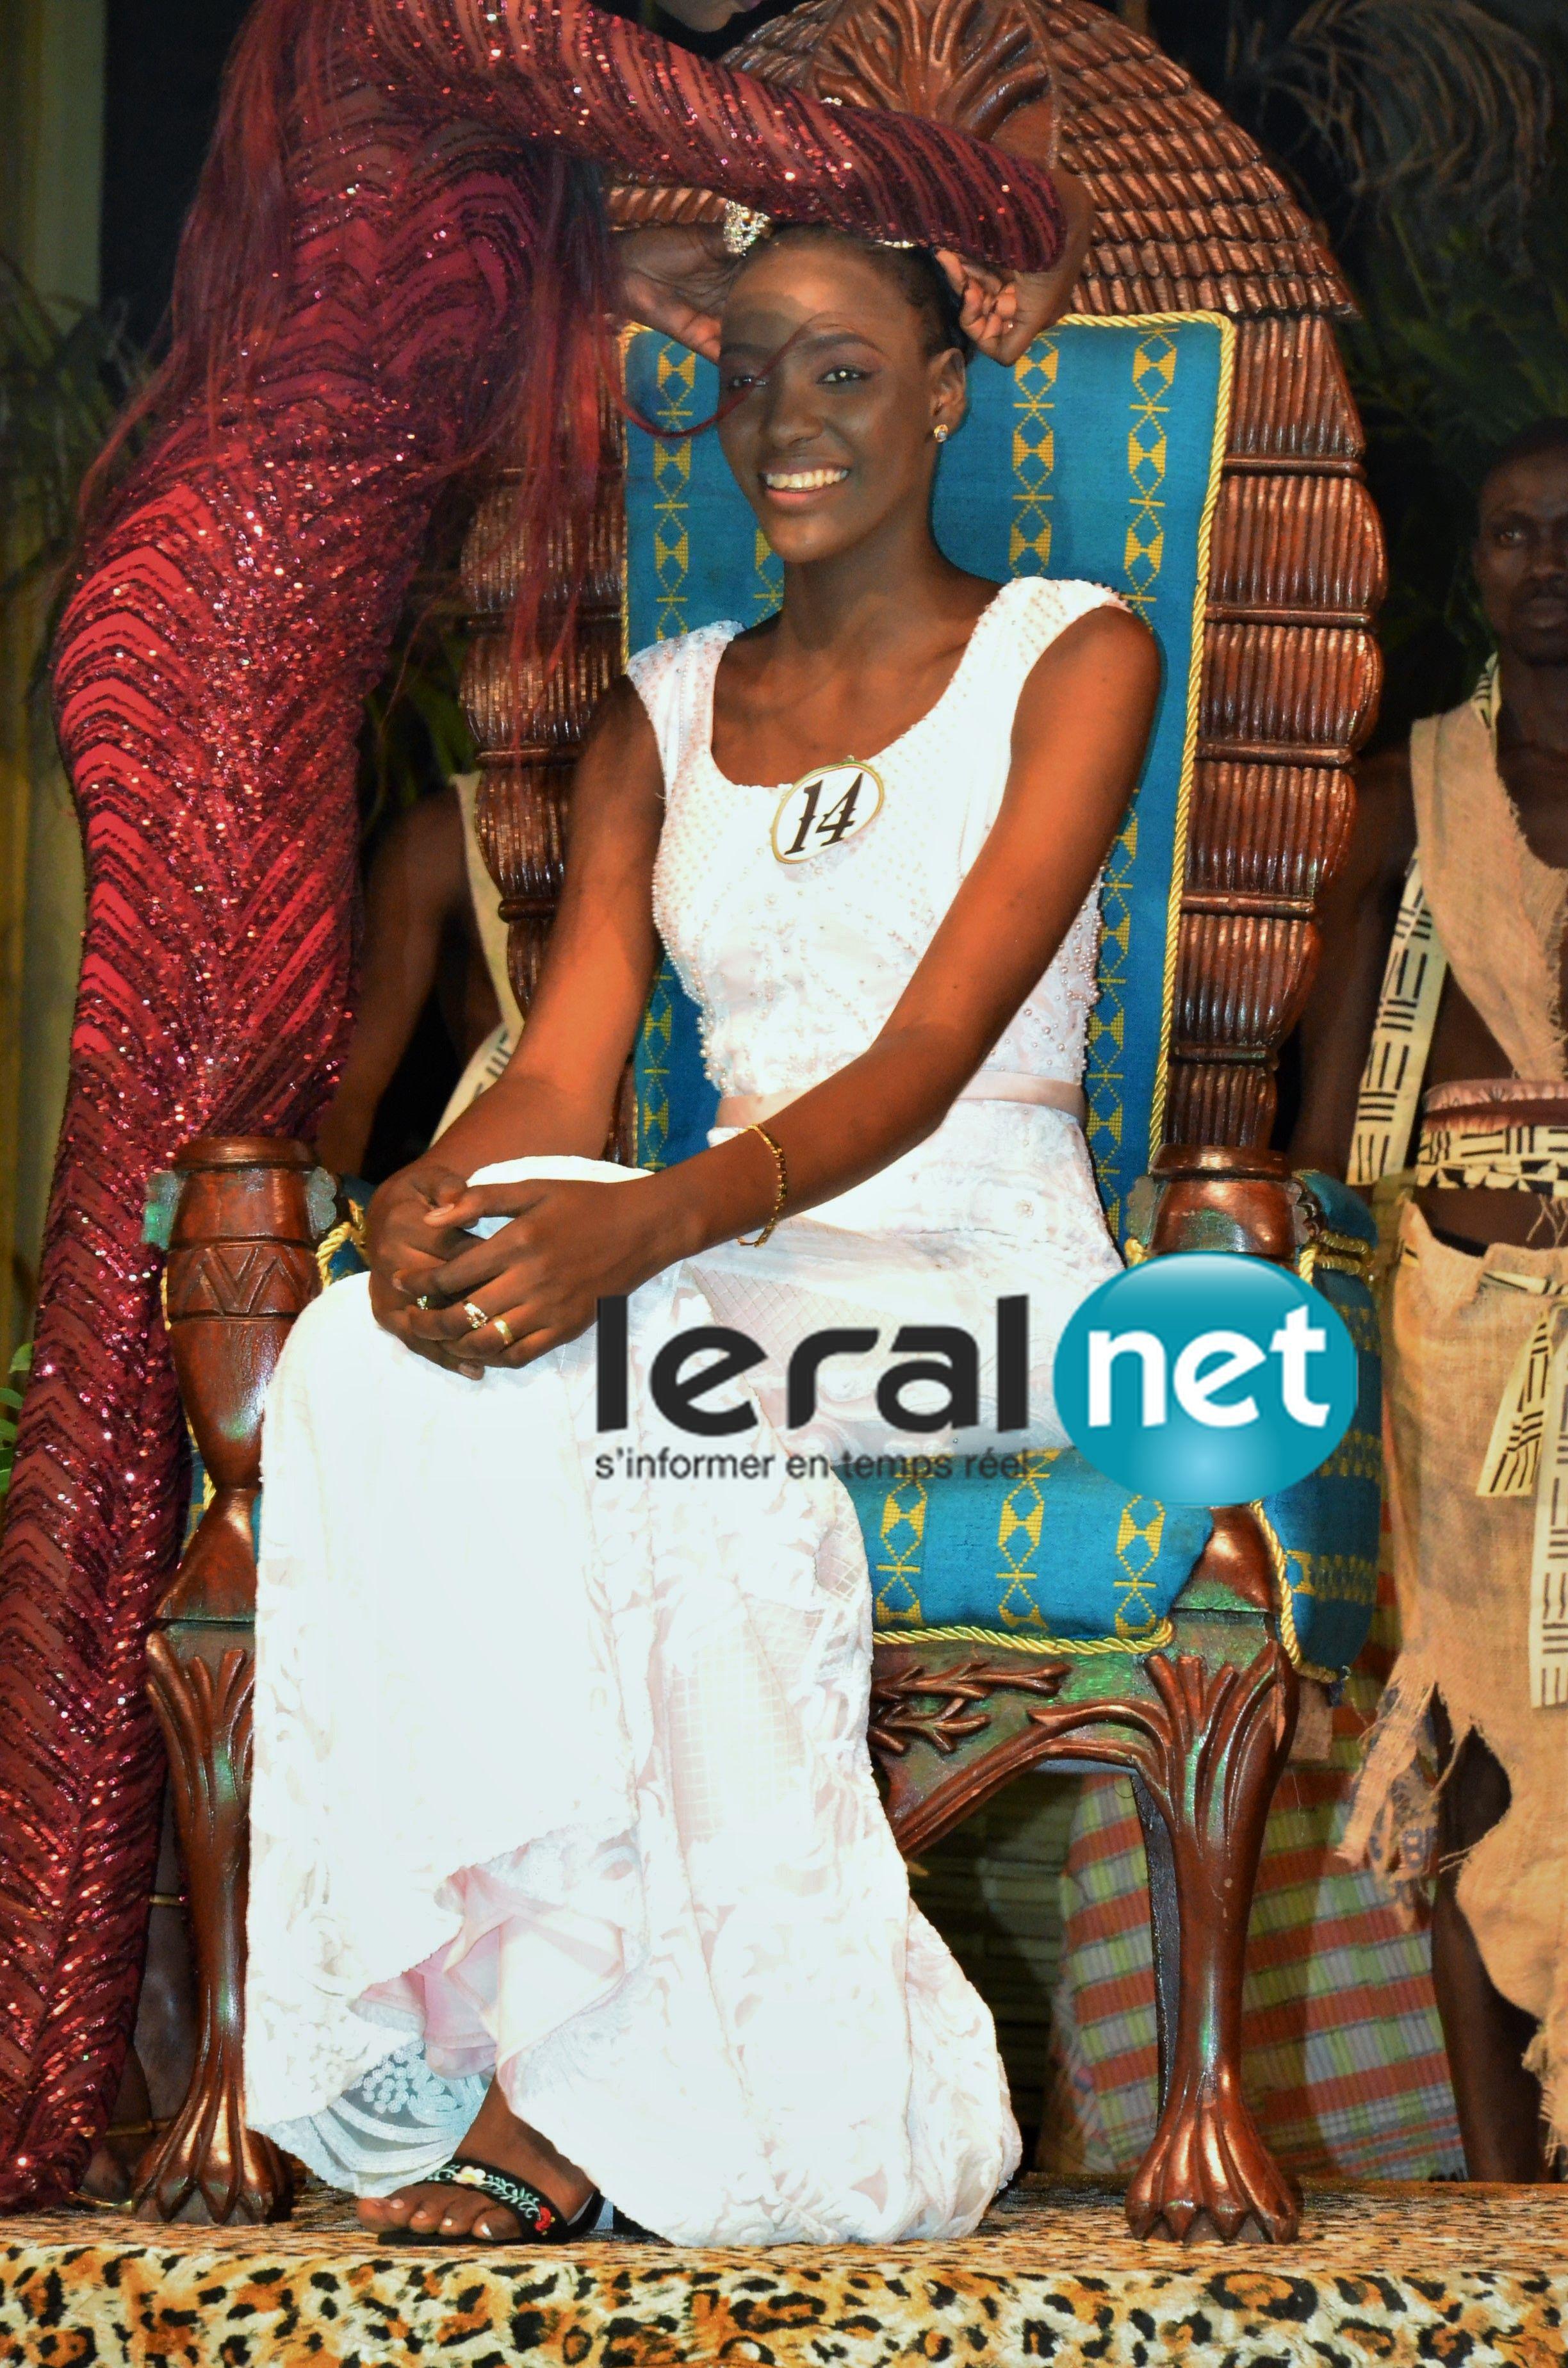 PHOTOS - Admirez la beauté d'Alberta Diatta, l'enfant de la Casamance élue Miss Sénégal 2019